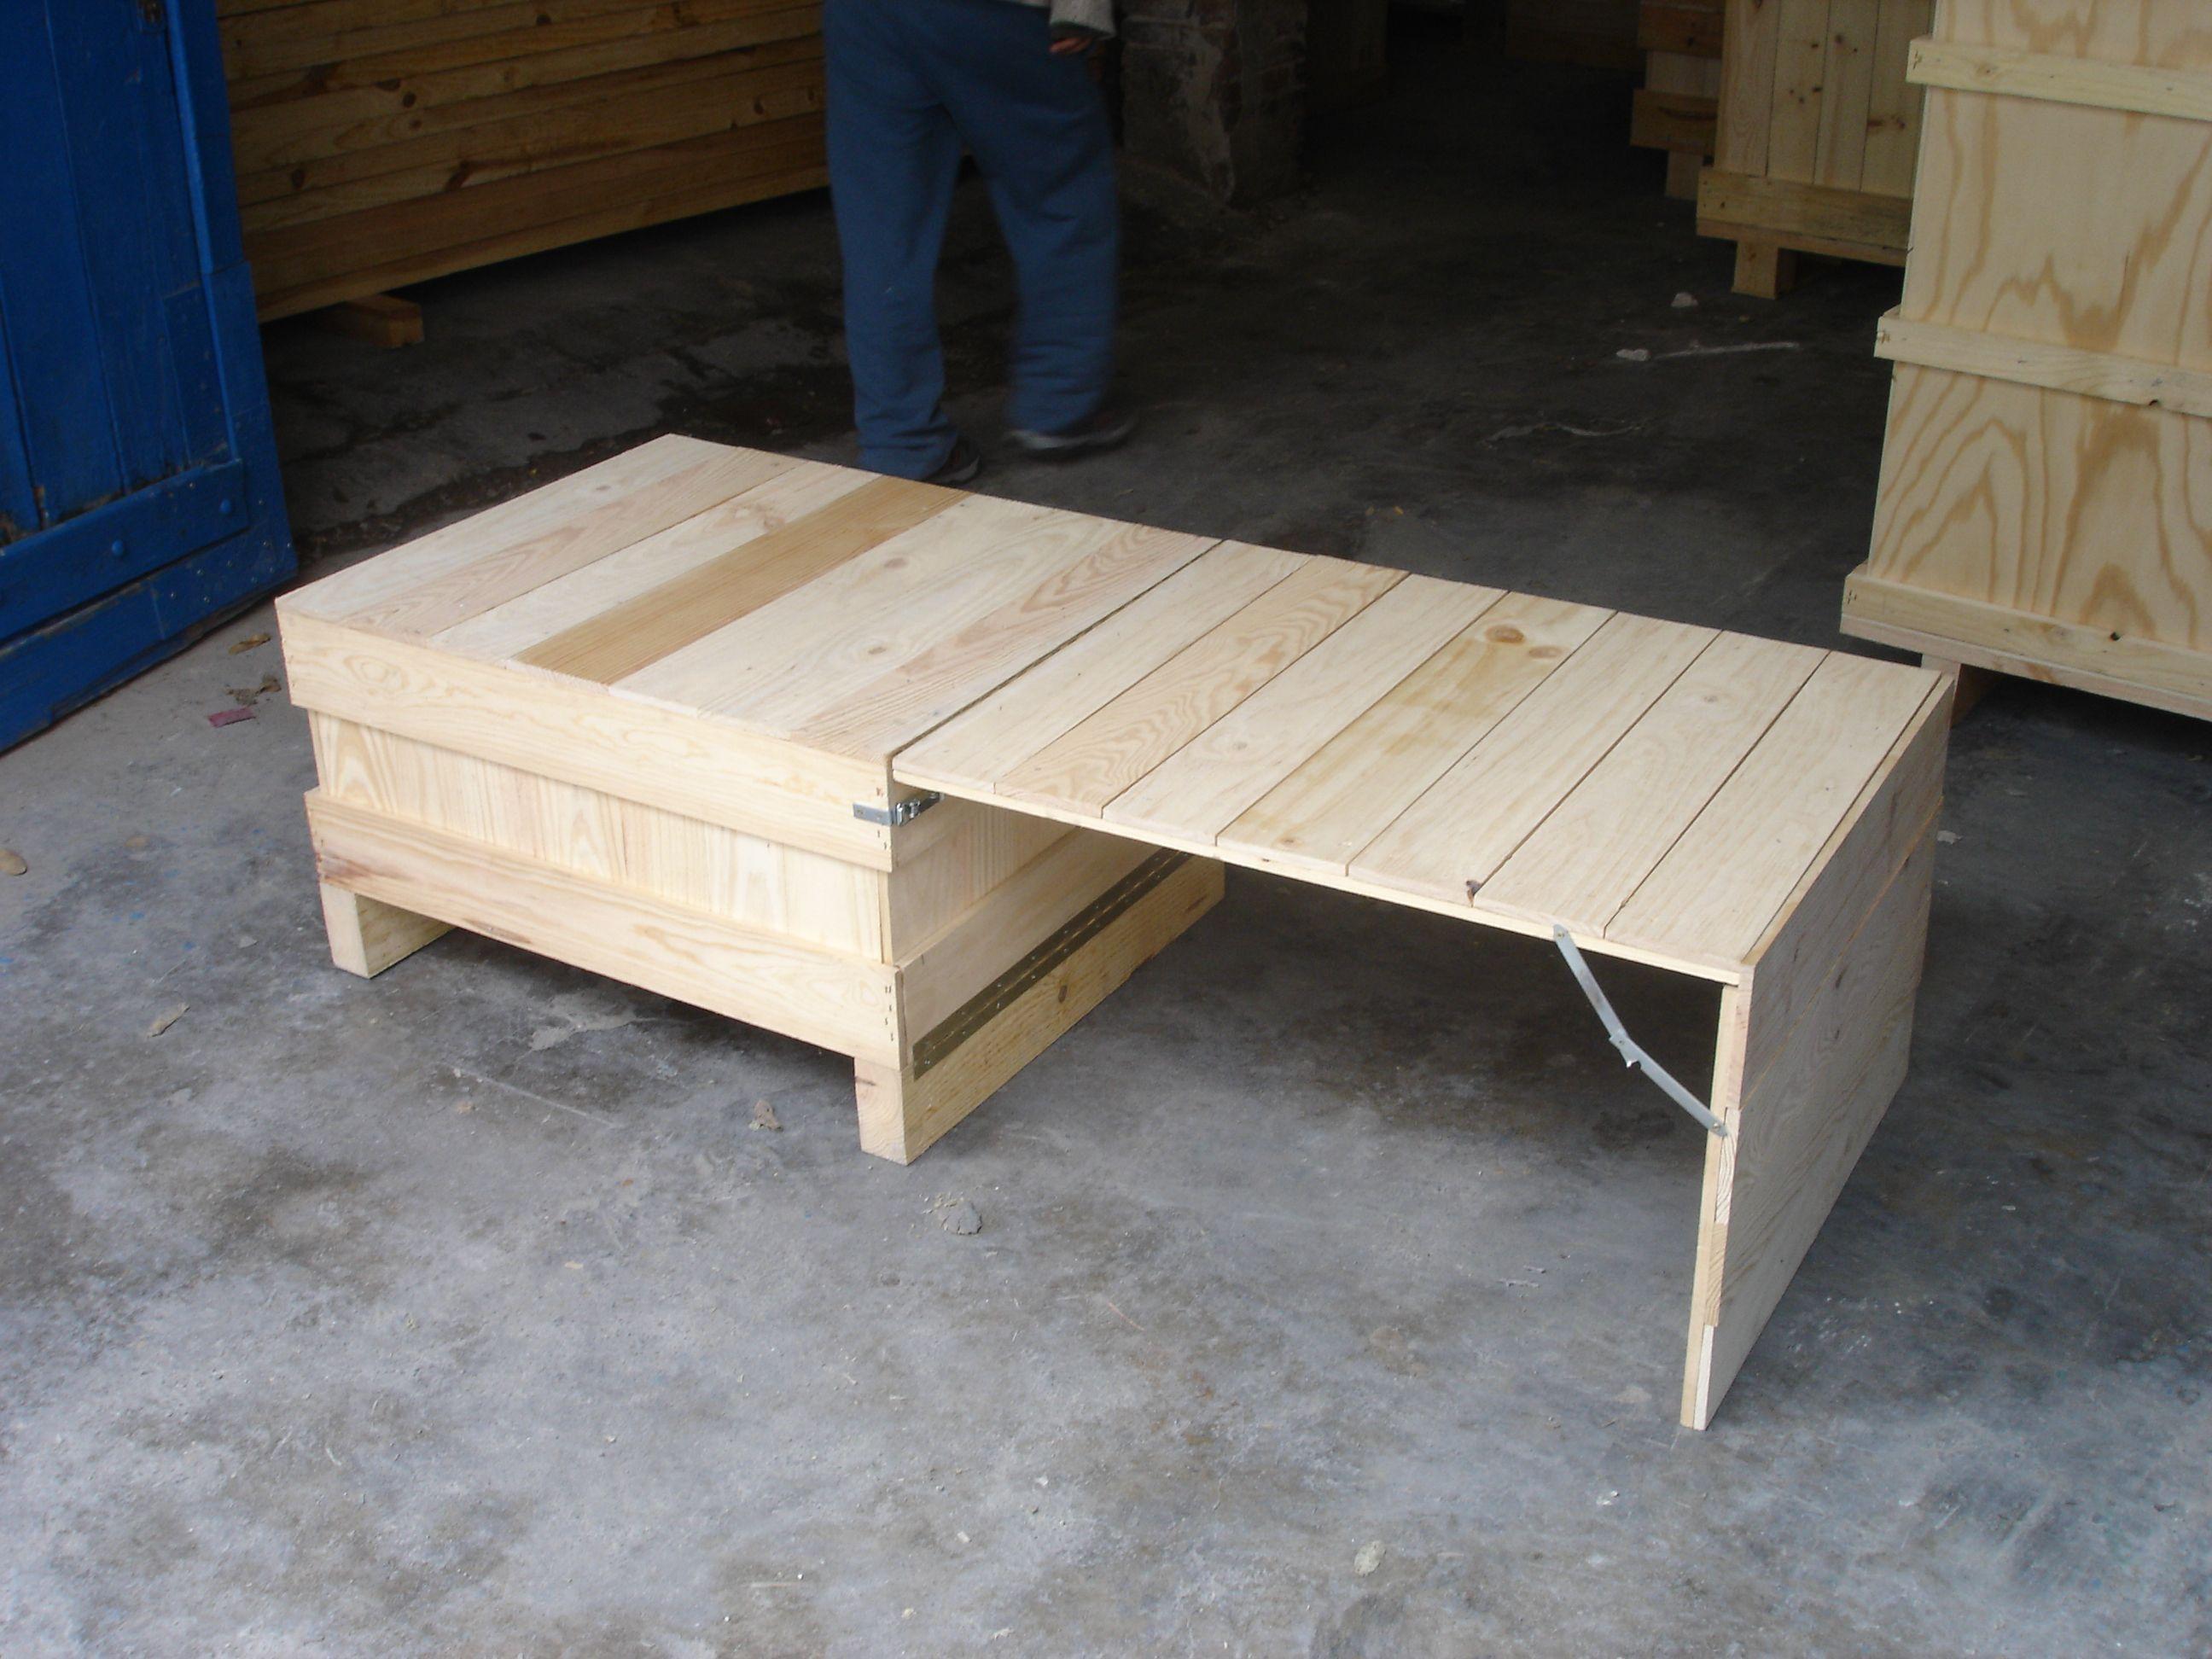 Mueble Hecho Con Cajas De Madera Mostradores Y Barras Para  # Muebles Pura Madera